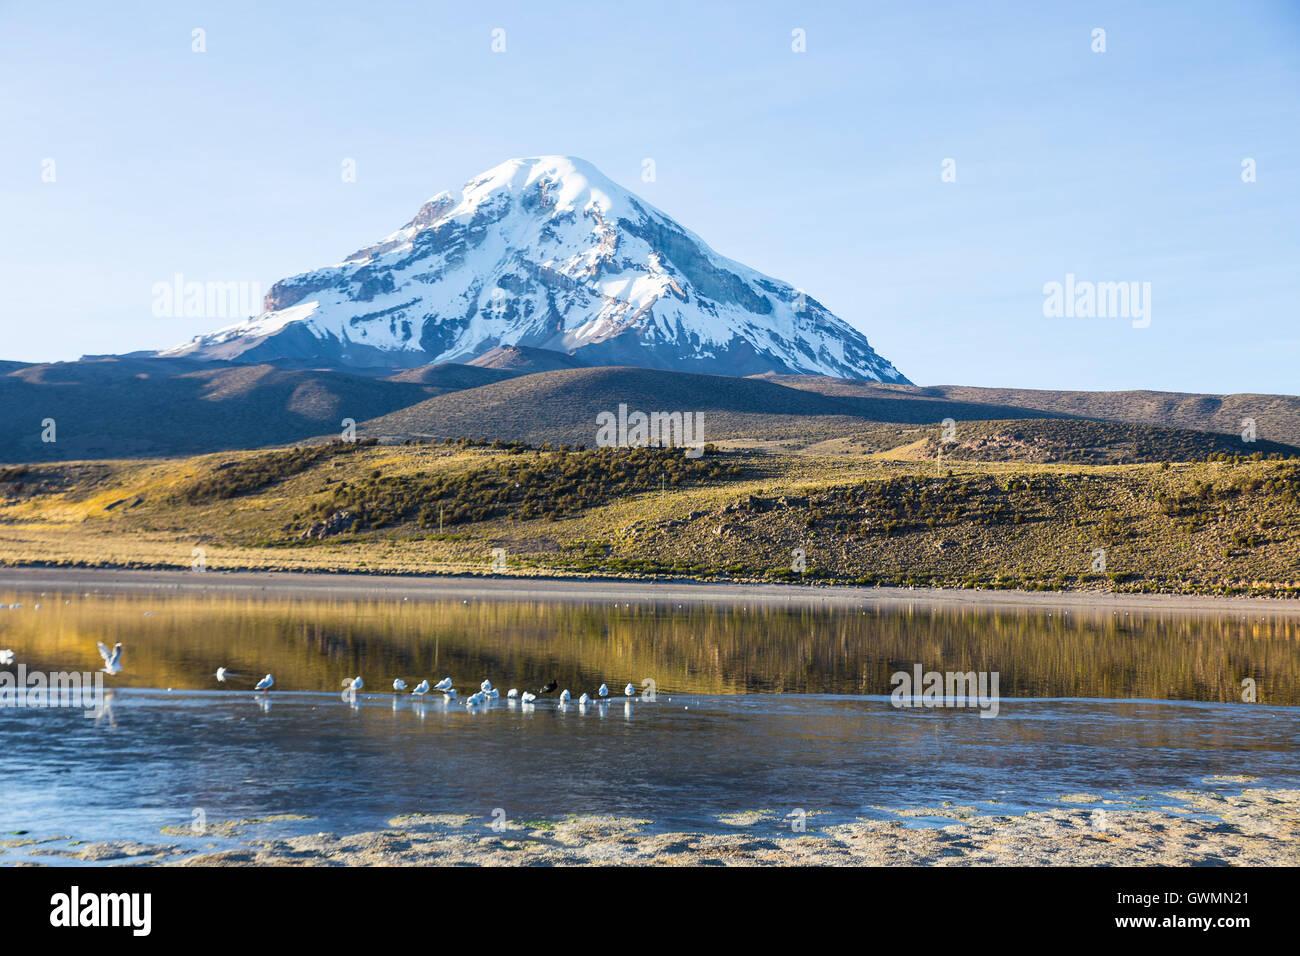 Lago y Volcán Sajama Huayñacota, en el Parque Natural de Sajama. Bolivia Imagen De Stock